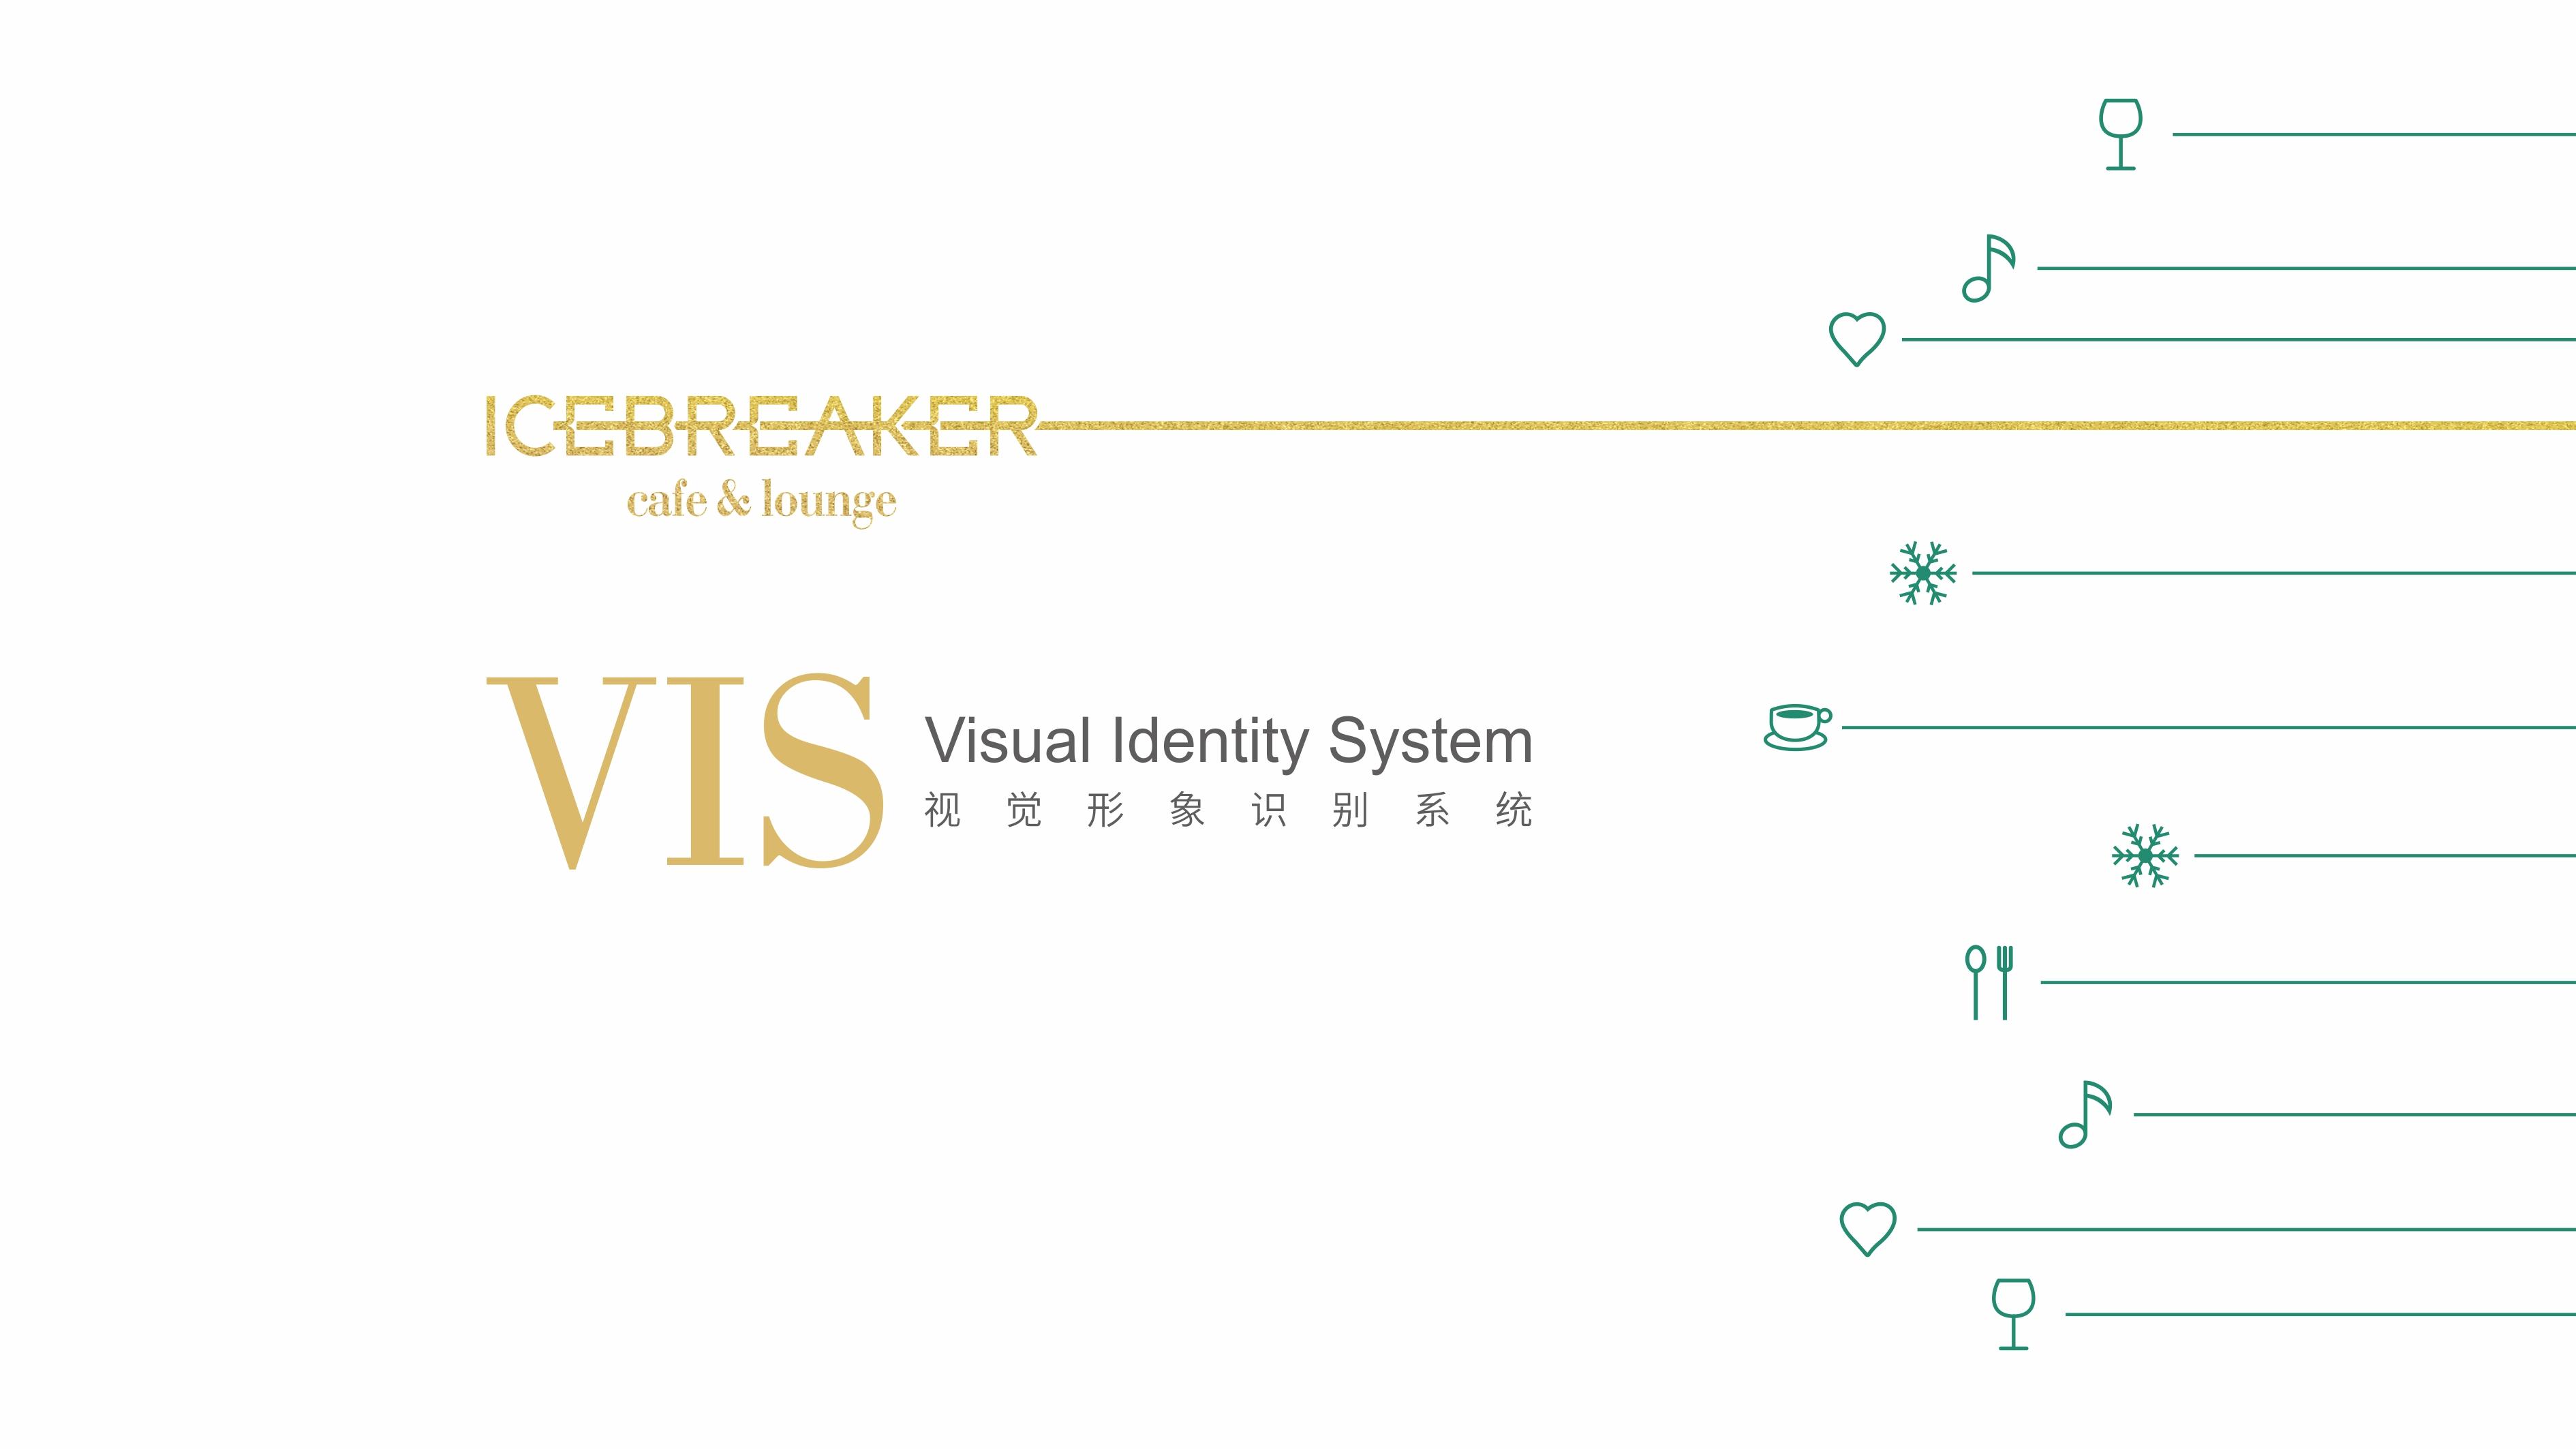 Icebreaker VI设计